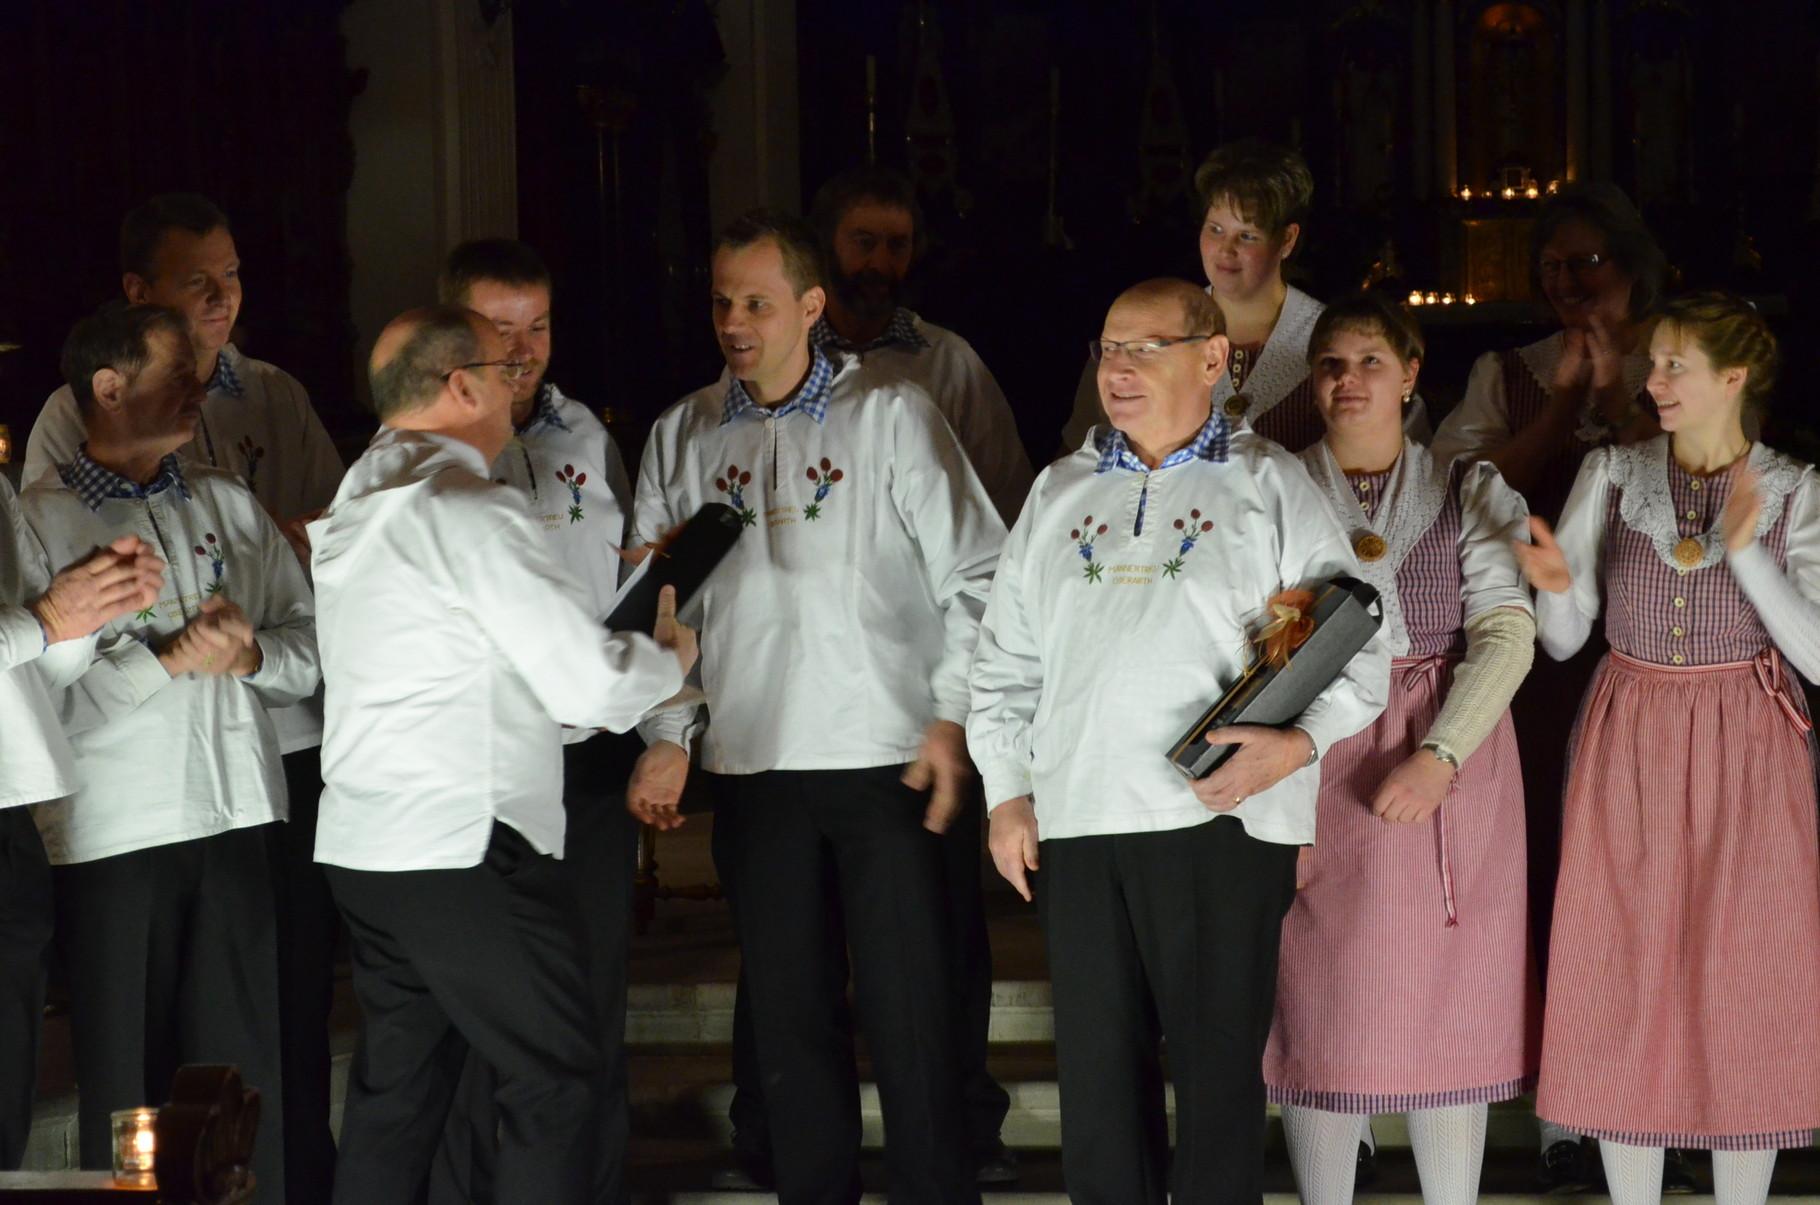 Die Jubilare Toni und Armin werden in aller Öffentlichkeit geehrt und beschenkt